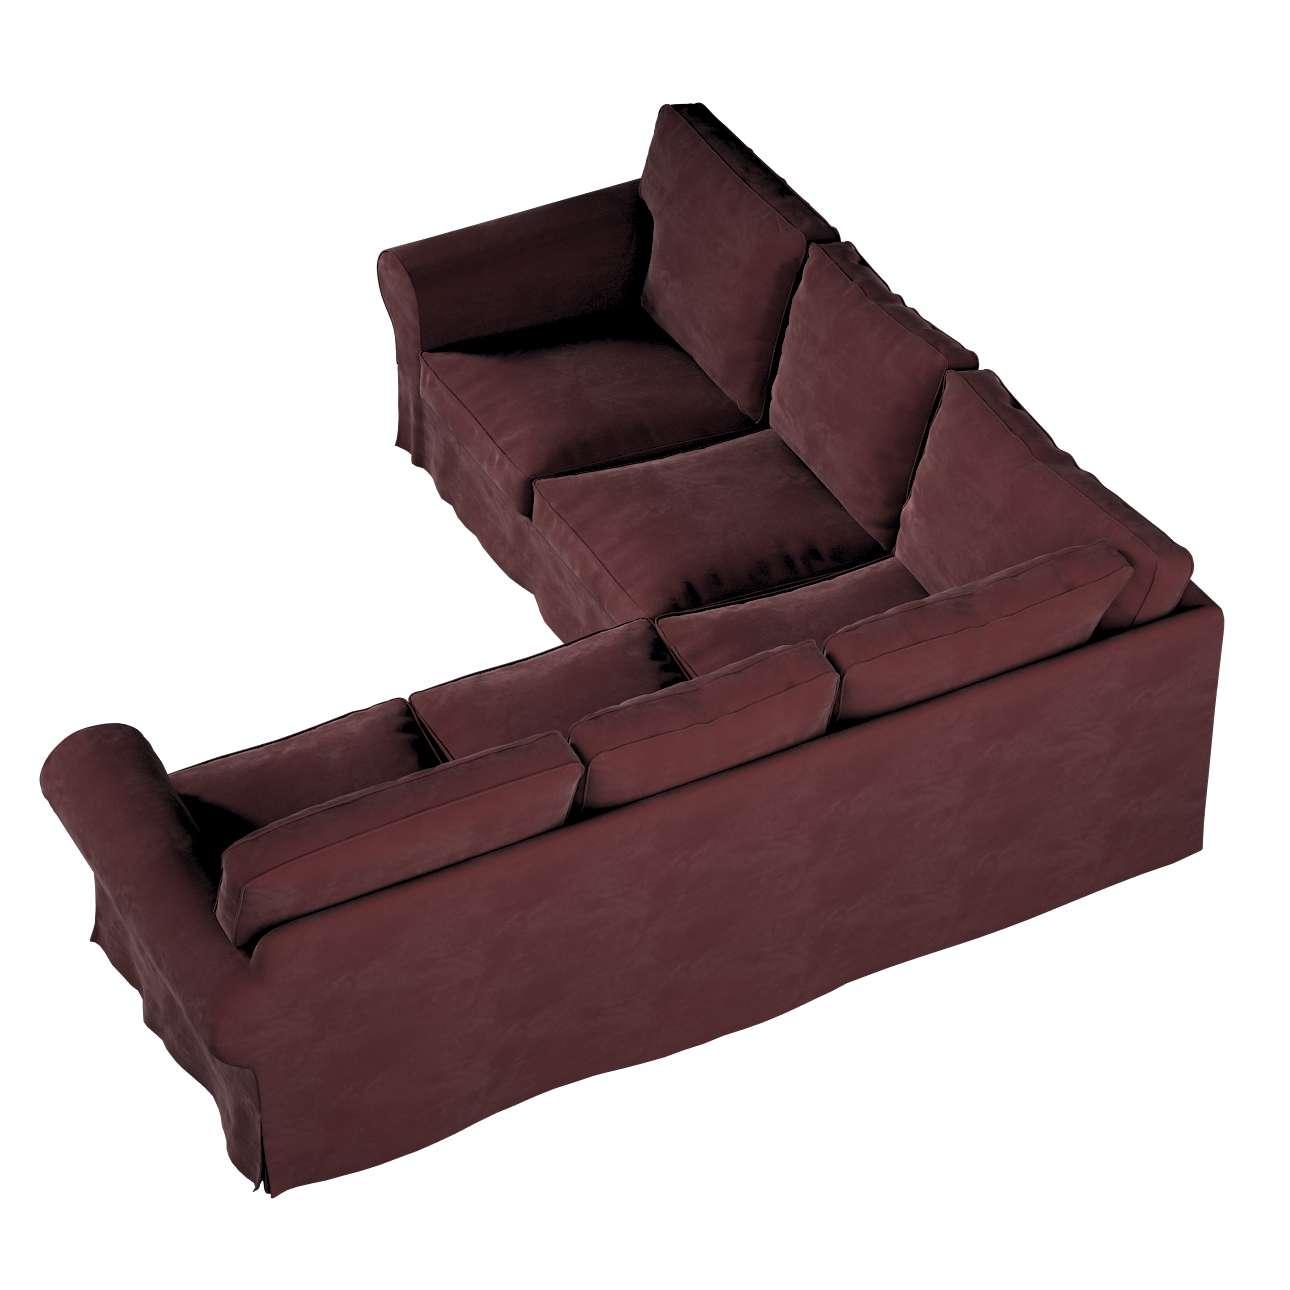 Pokrowiec Ektorp na sofę narożną w kolekcji Velvet, tkanina: 704-26